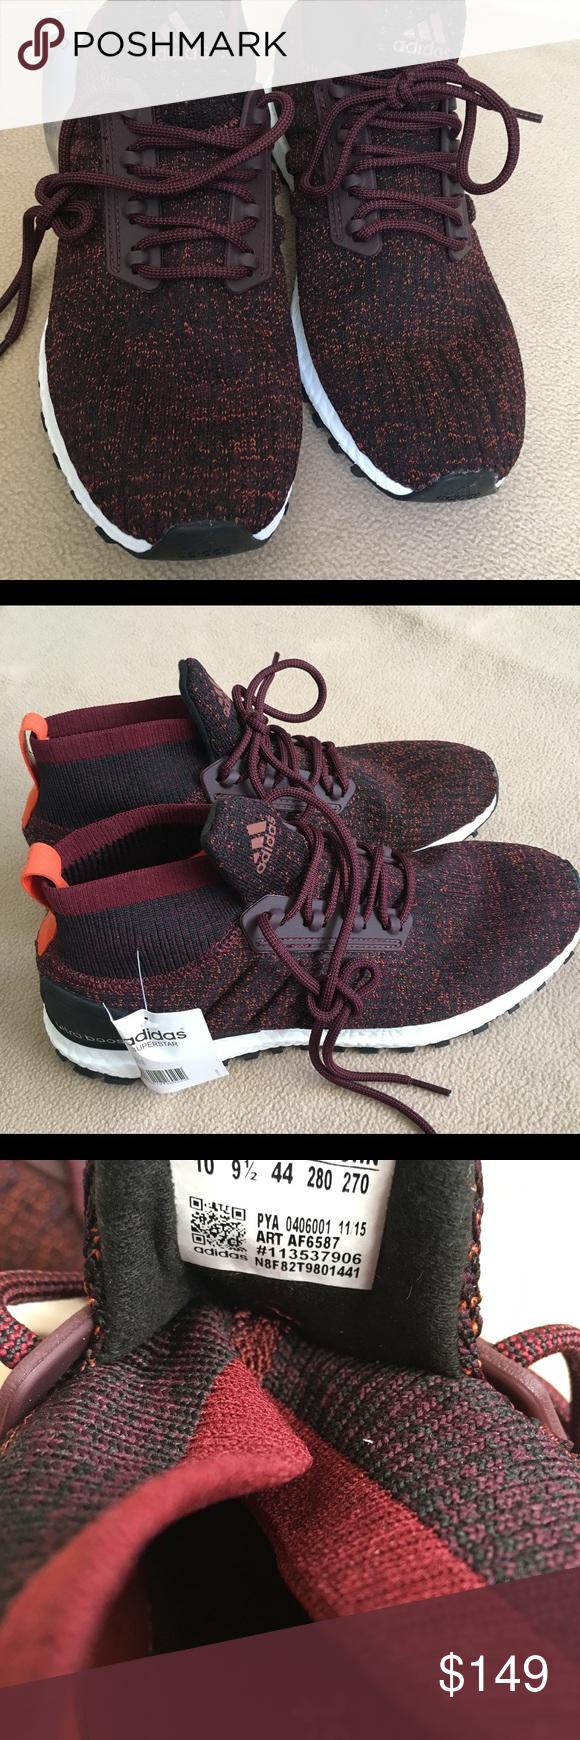 adidas ultra impulso scarpe nuove di zecca adidas ultra aumentare le scarpe per gli uomini